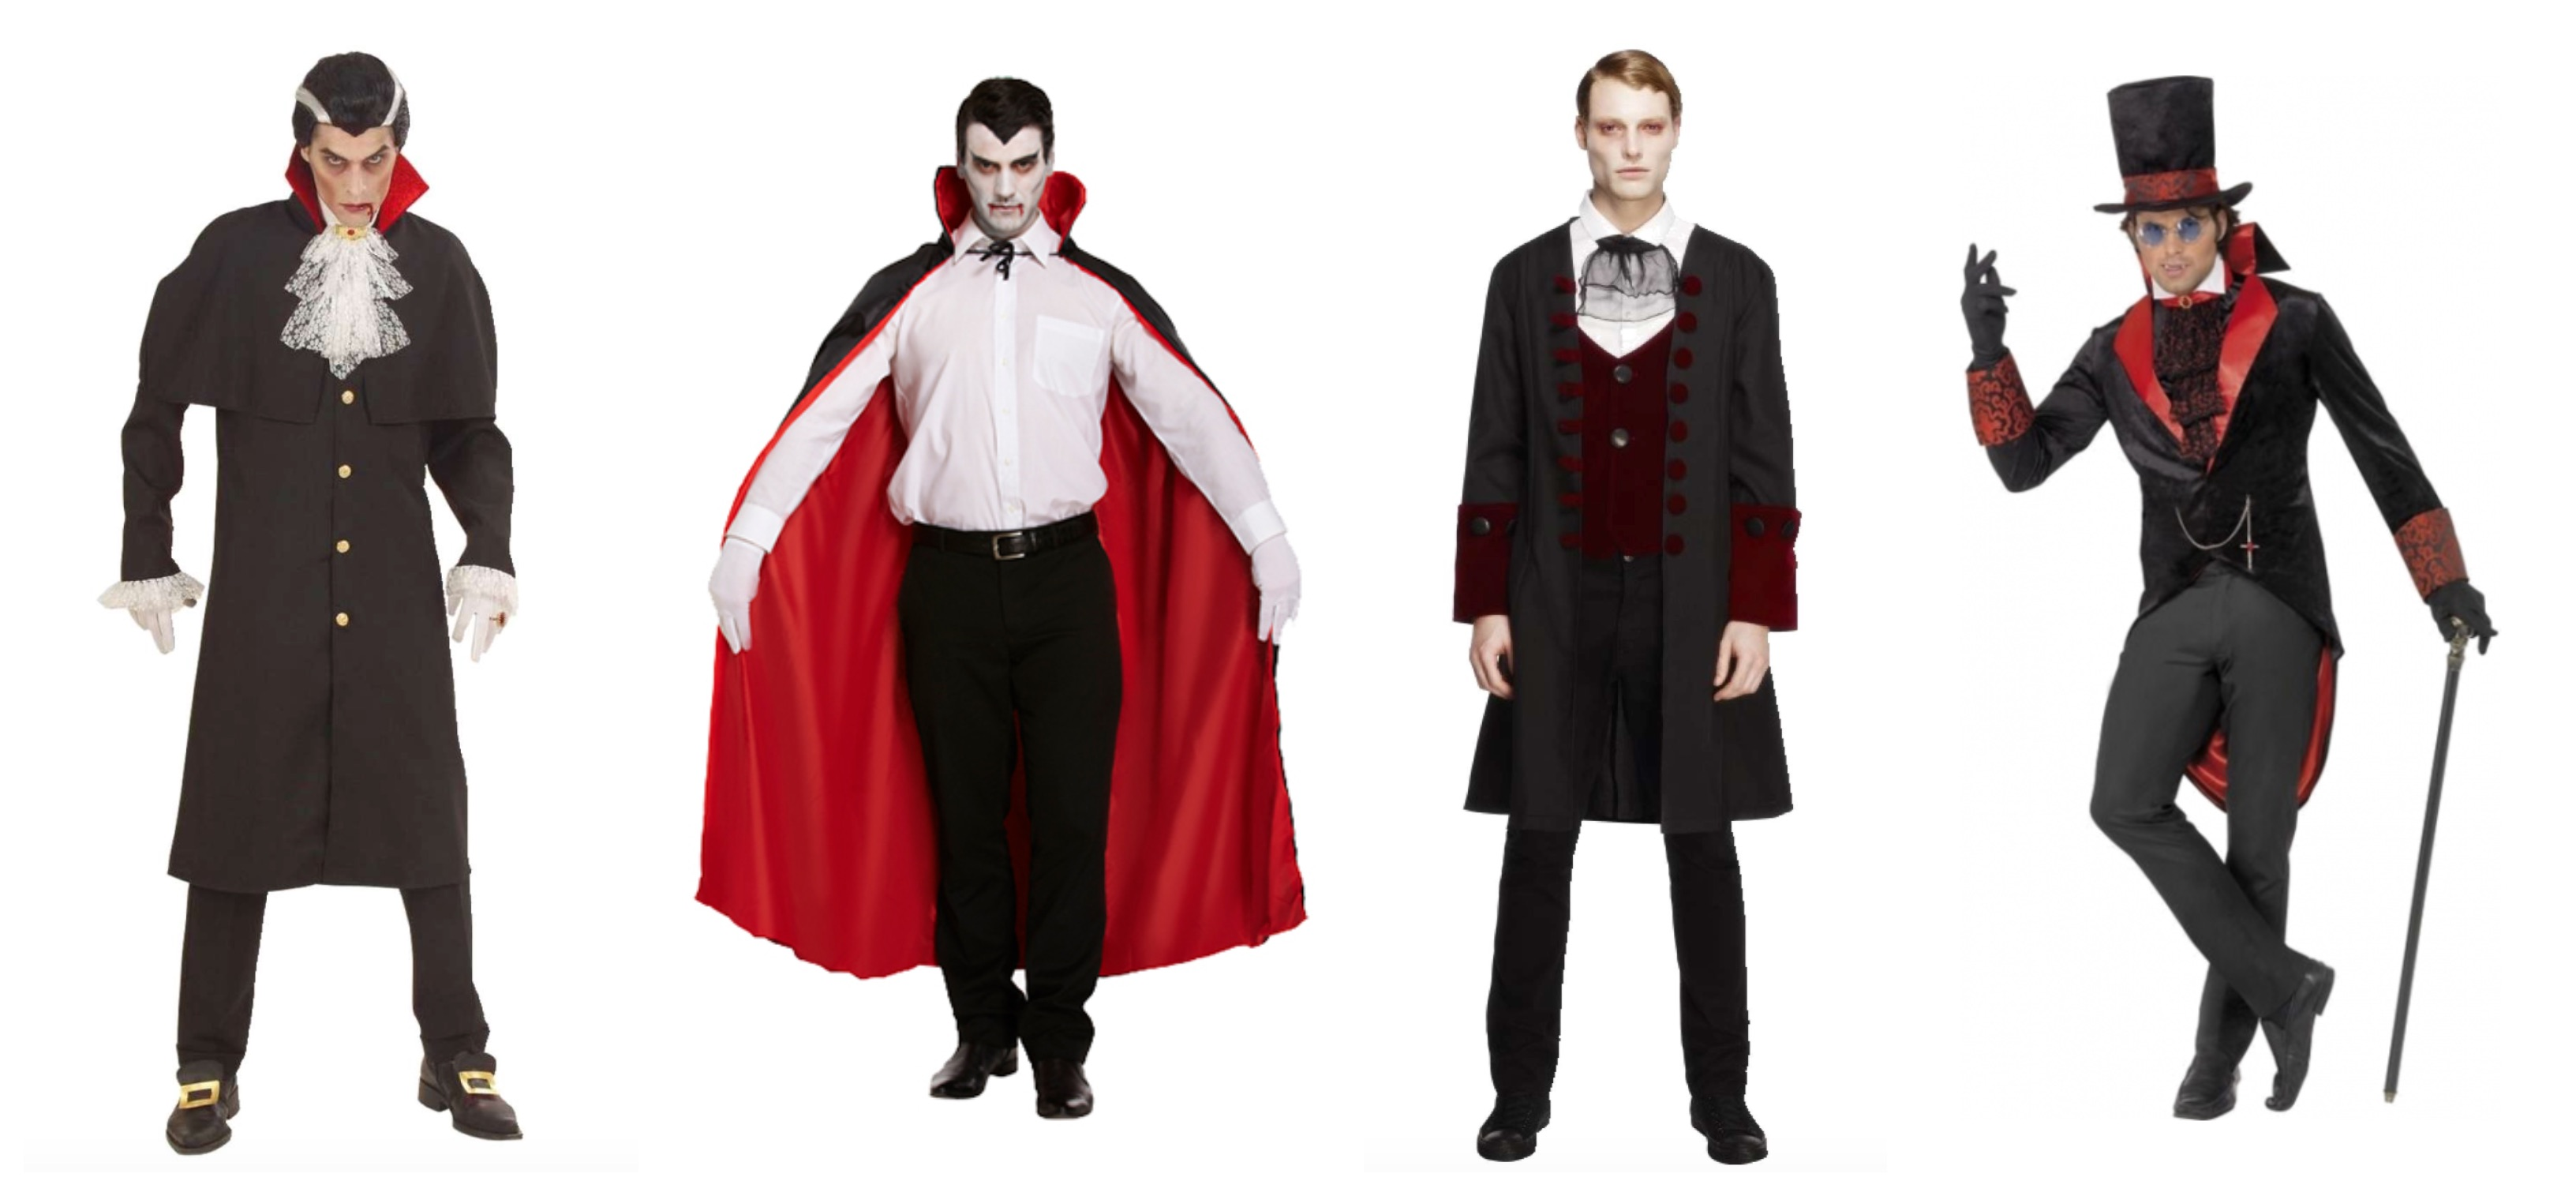 dracula kostume til voksne - Dracula kostume til voksne